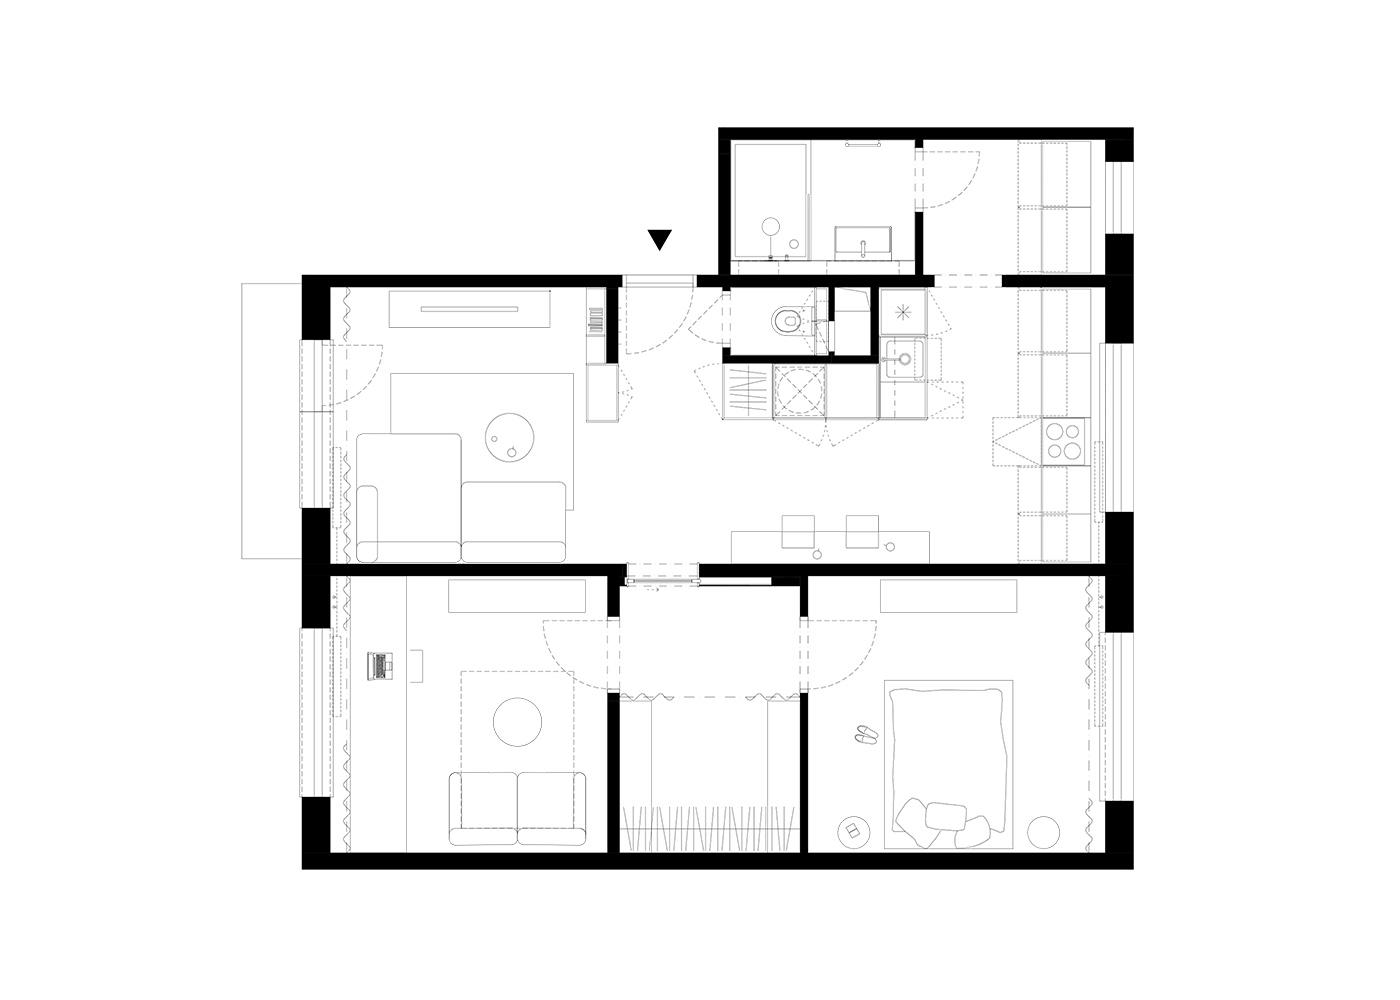 noiz-architekti-bratislava-byt-galanta-02